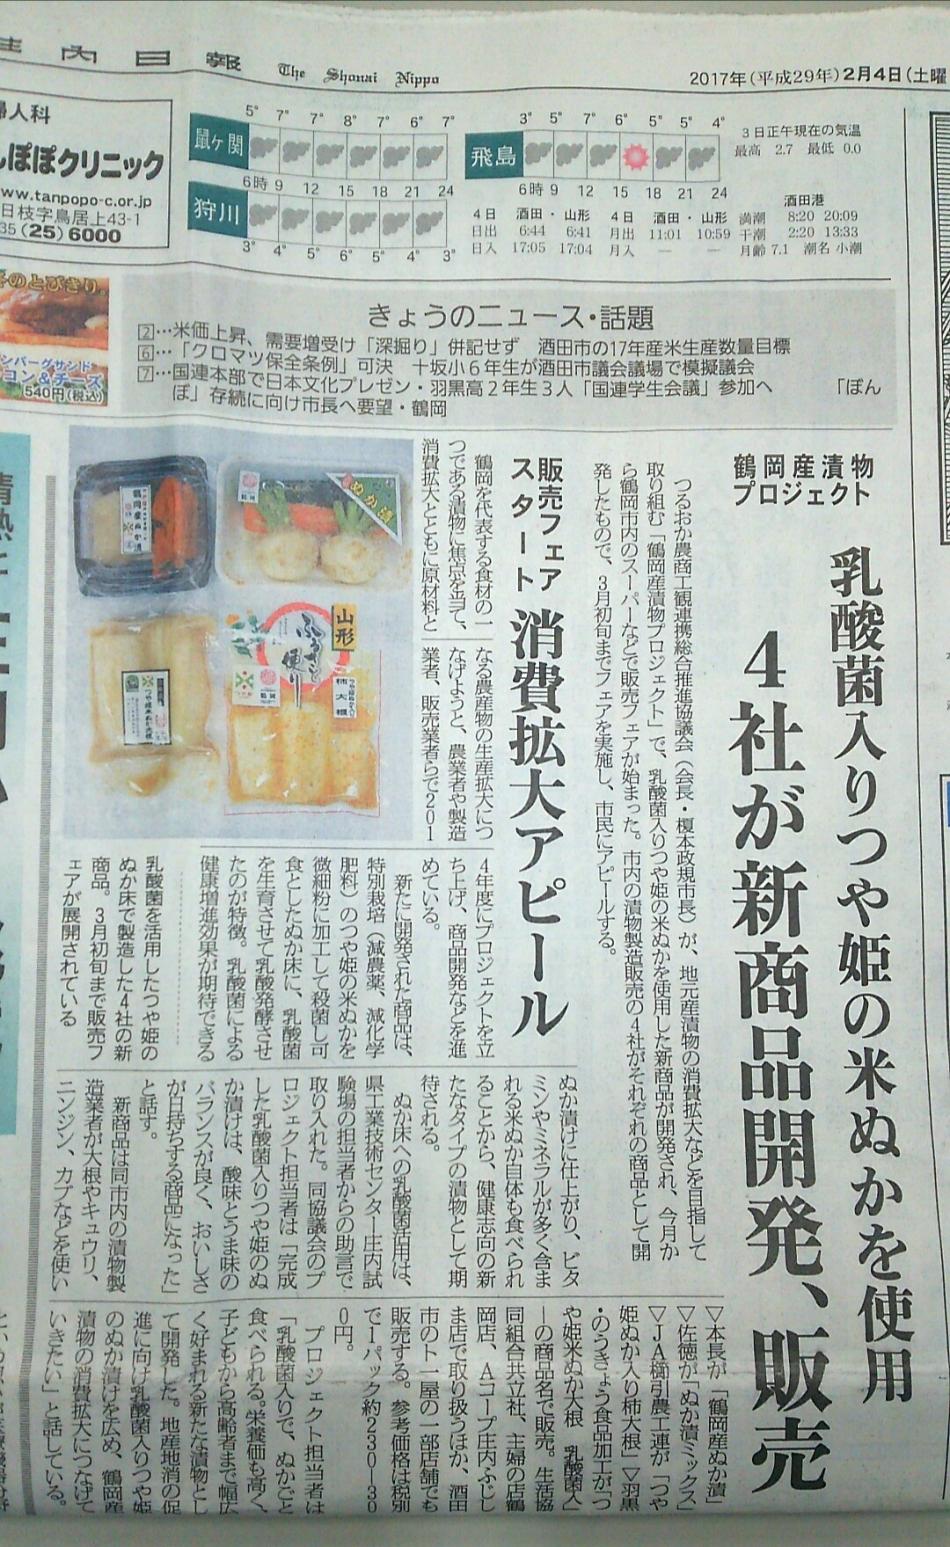 乳酸菌入りつや姫の米ぬかを使用した新商品開発